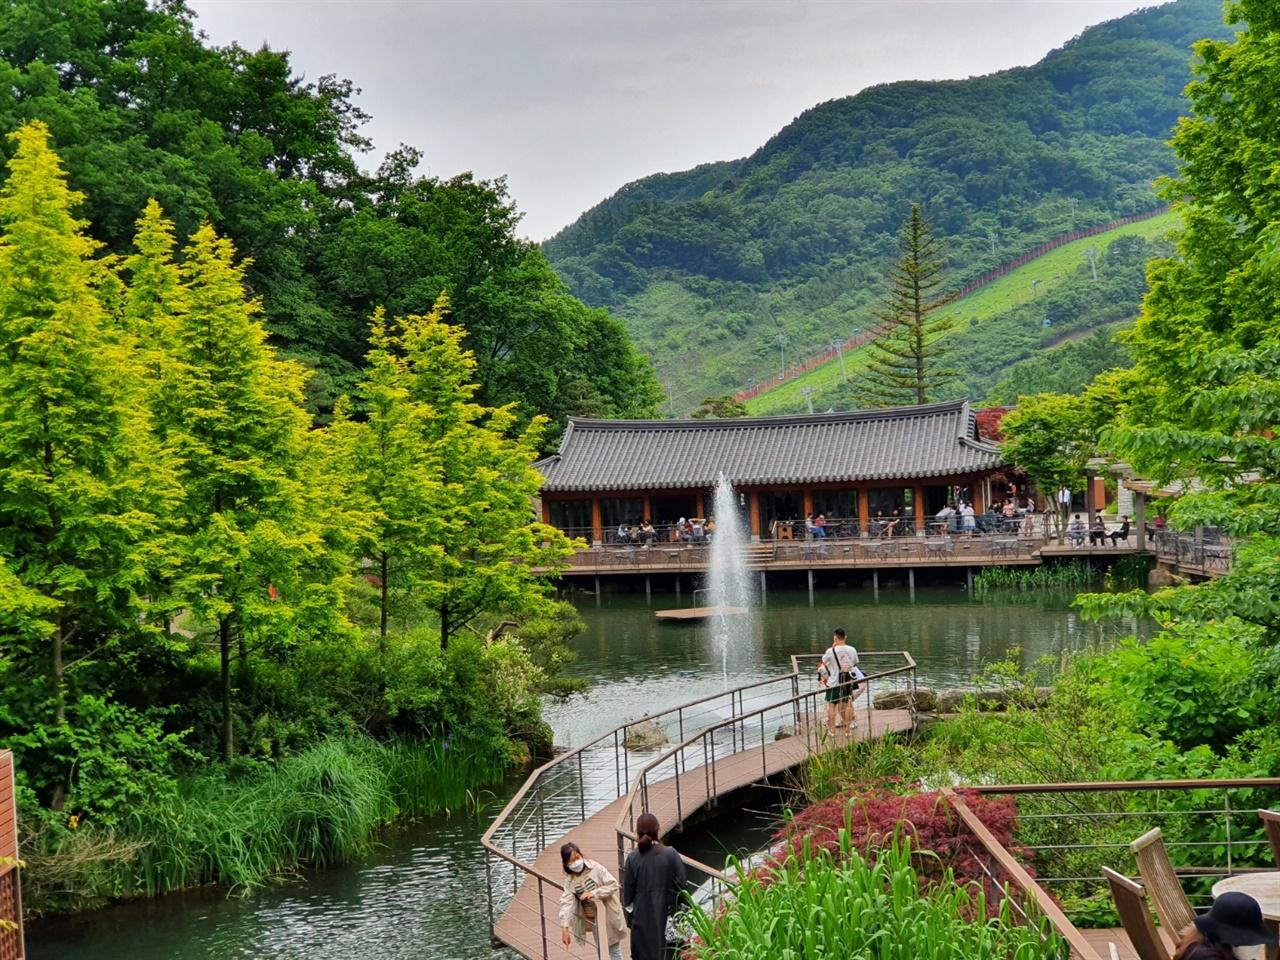 아름다운 화담숲의 풍경 화담숲 초입에 자리잡은 연못과 한옥 건물의 풍경이 어울러지며 건너편의 리조트까지 이색적인 광경을 연출한다.